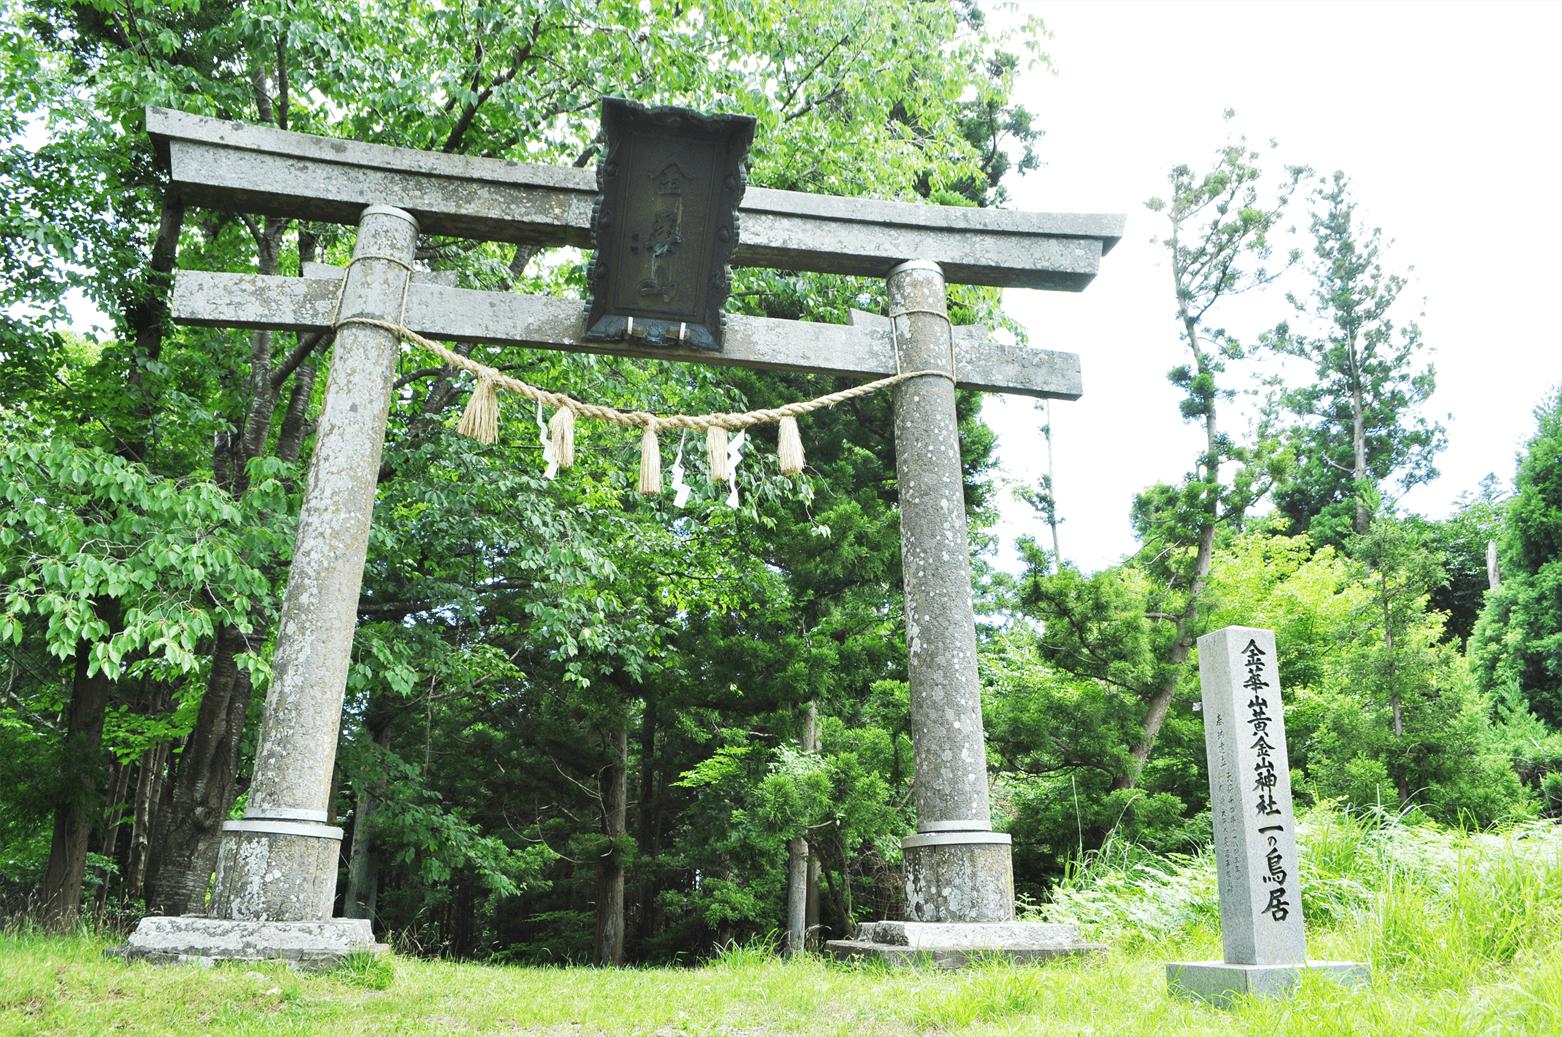 金華山黄金山神社一の鳥居